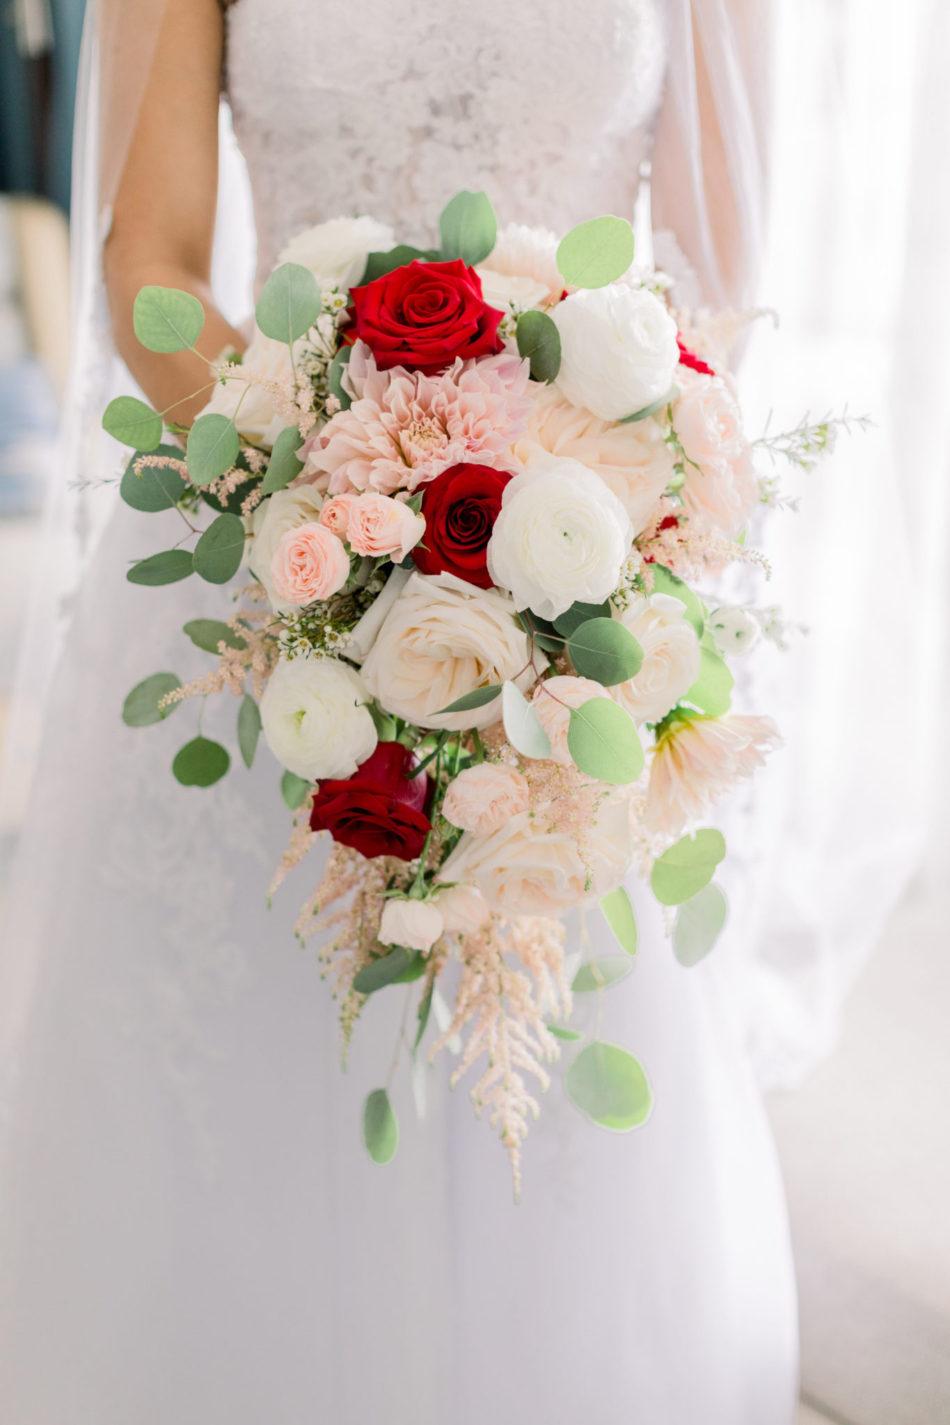 red roses, colorful bouquet, memorable bridal bouquets, floral design, florist, wedding florist, wedding flowers, orange county weddings, orange county wedding florist, orange county florist, orange county floral design, flowers by cina